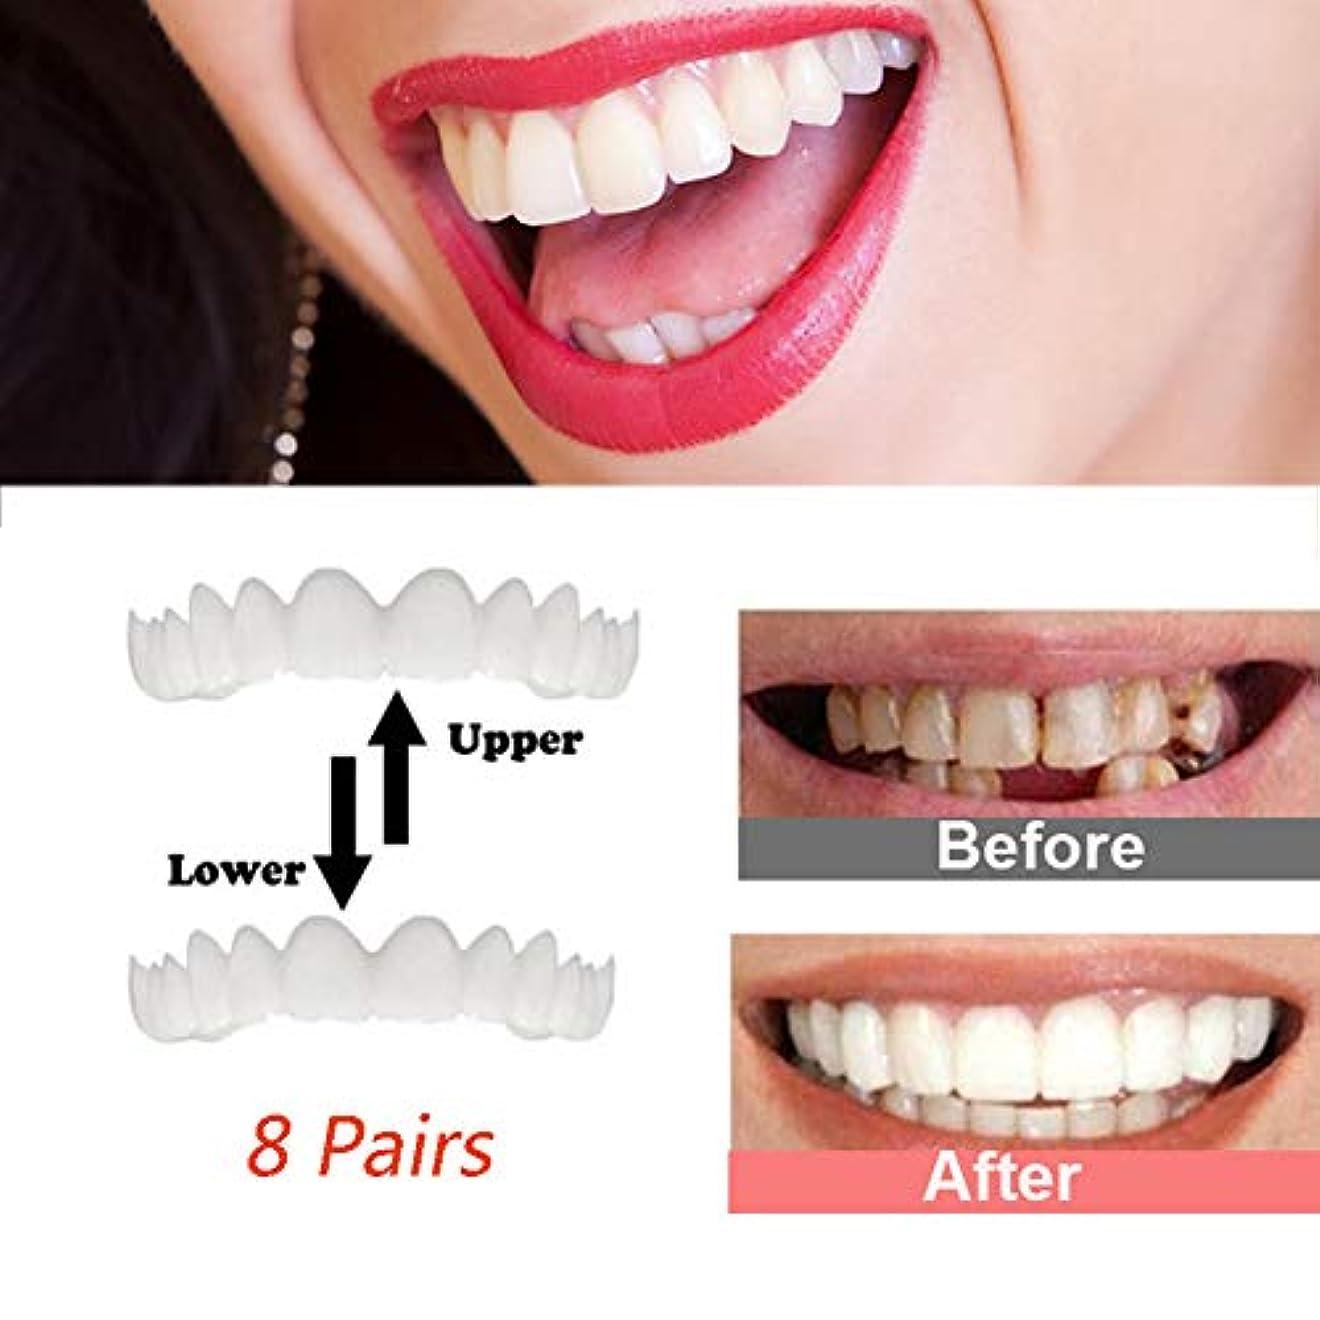 完全に乾くゲスト一掃する8ペア偽の歯のトップとボトムテンポラリースマイルコンフォートフィット化粧品義歯義歯快適なオーラルケアツール(上+下)